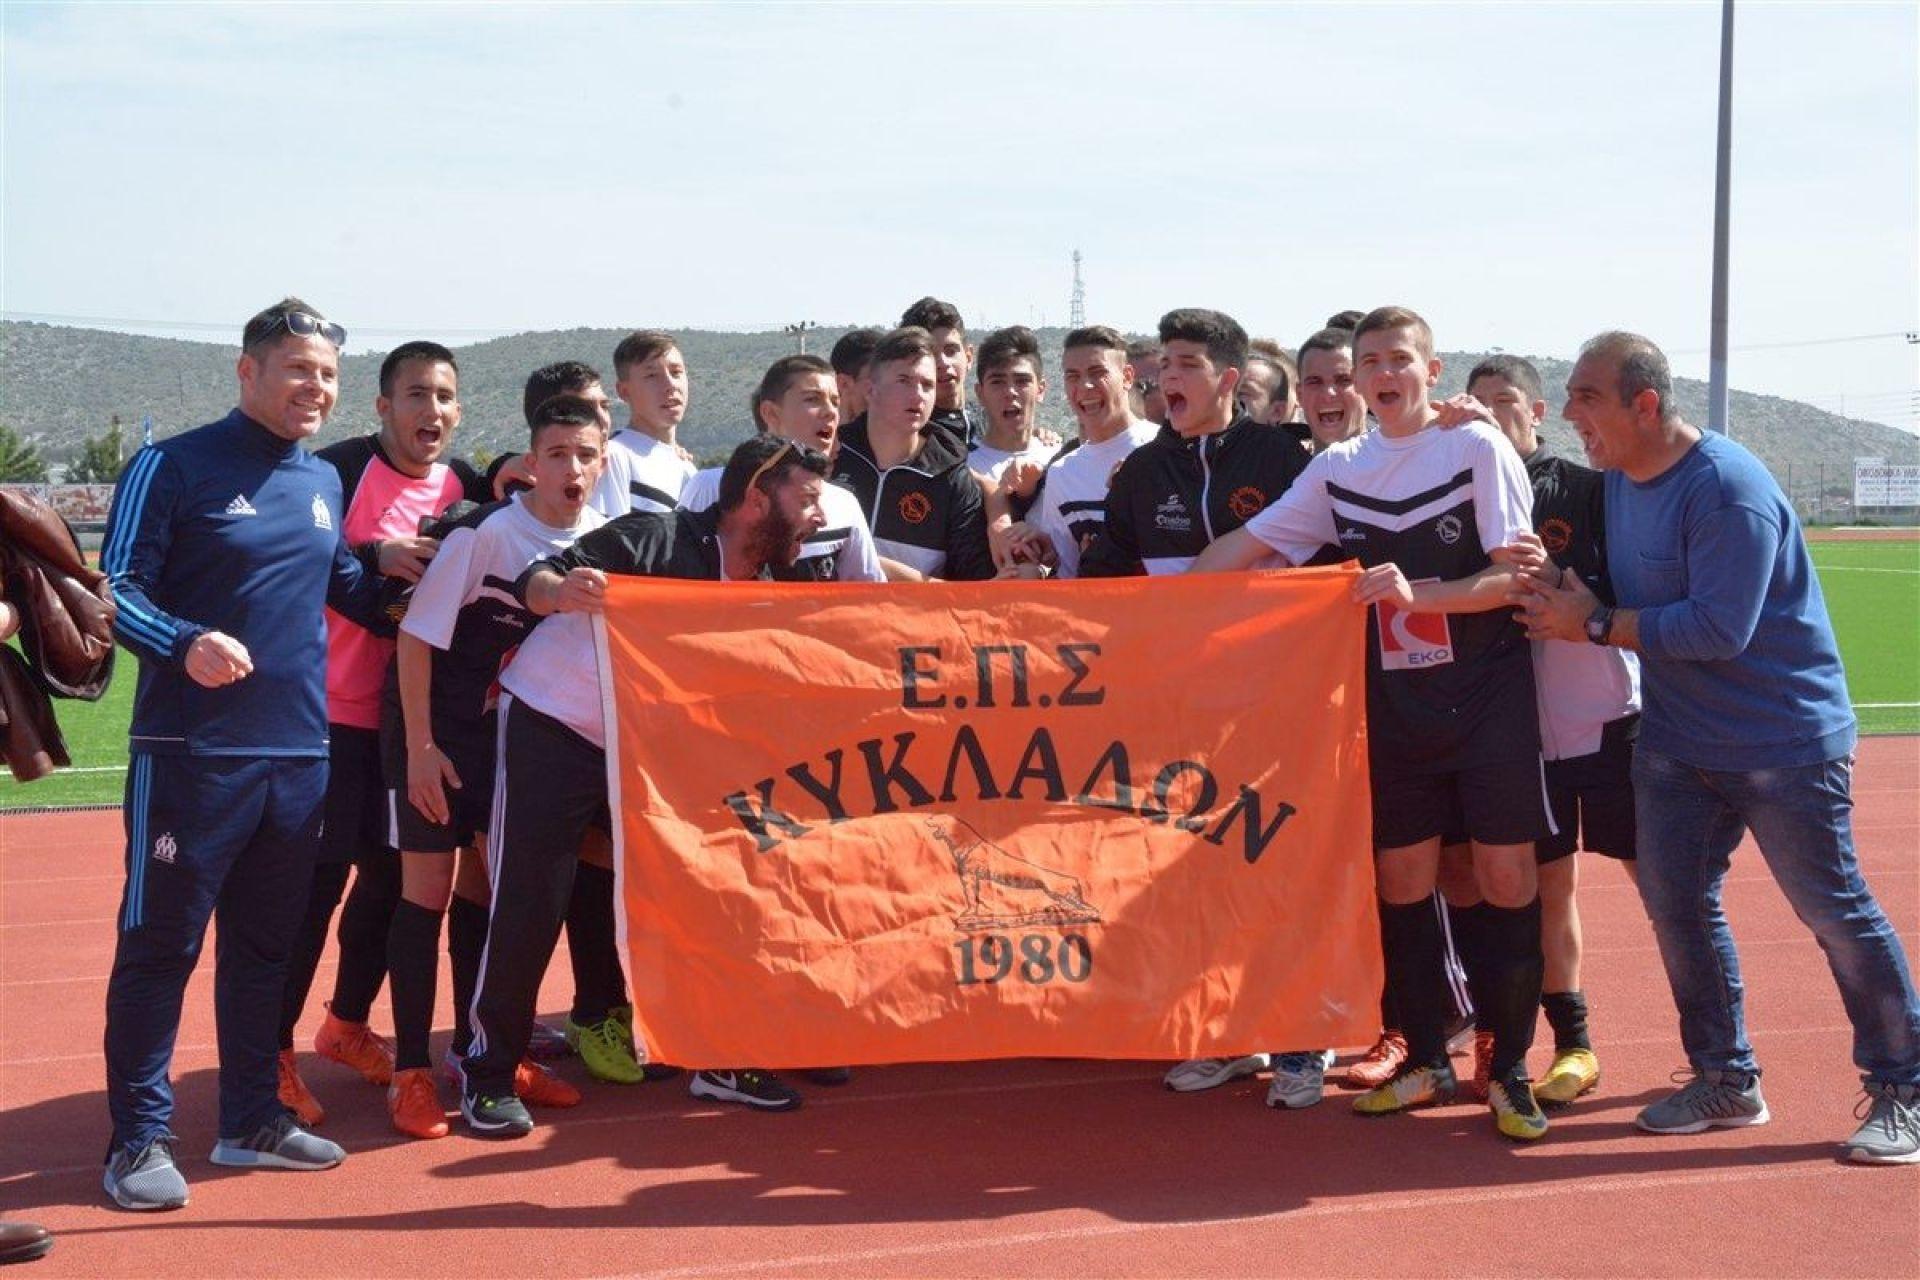 ΣΑΝ ΣΗΜΕΡΑ: Ο άθλος της ομάδας Νέων της ΕΠΣΚ που προκρίθηκε στο F4 του Πανελληνίου Πρωταθλήματος